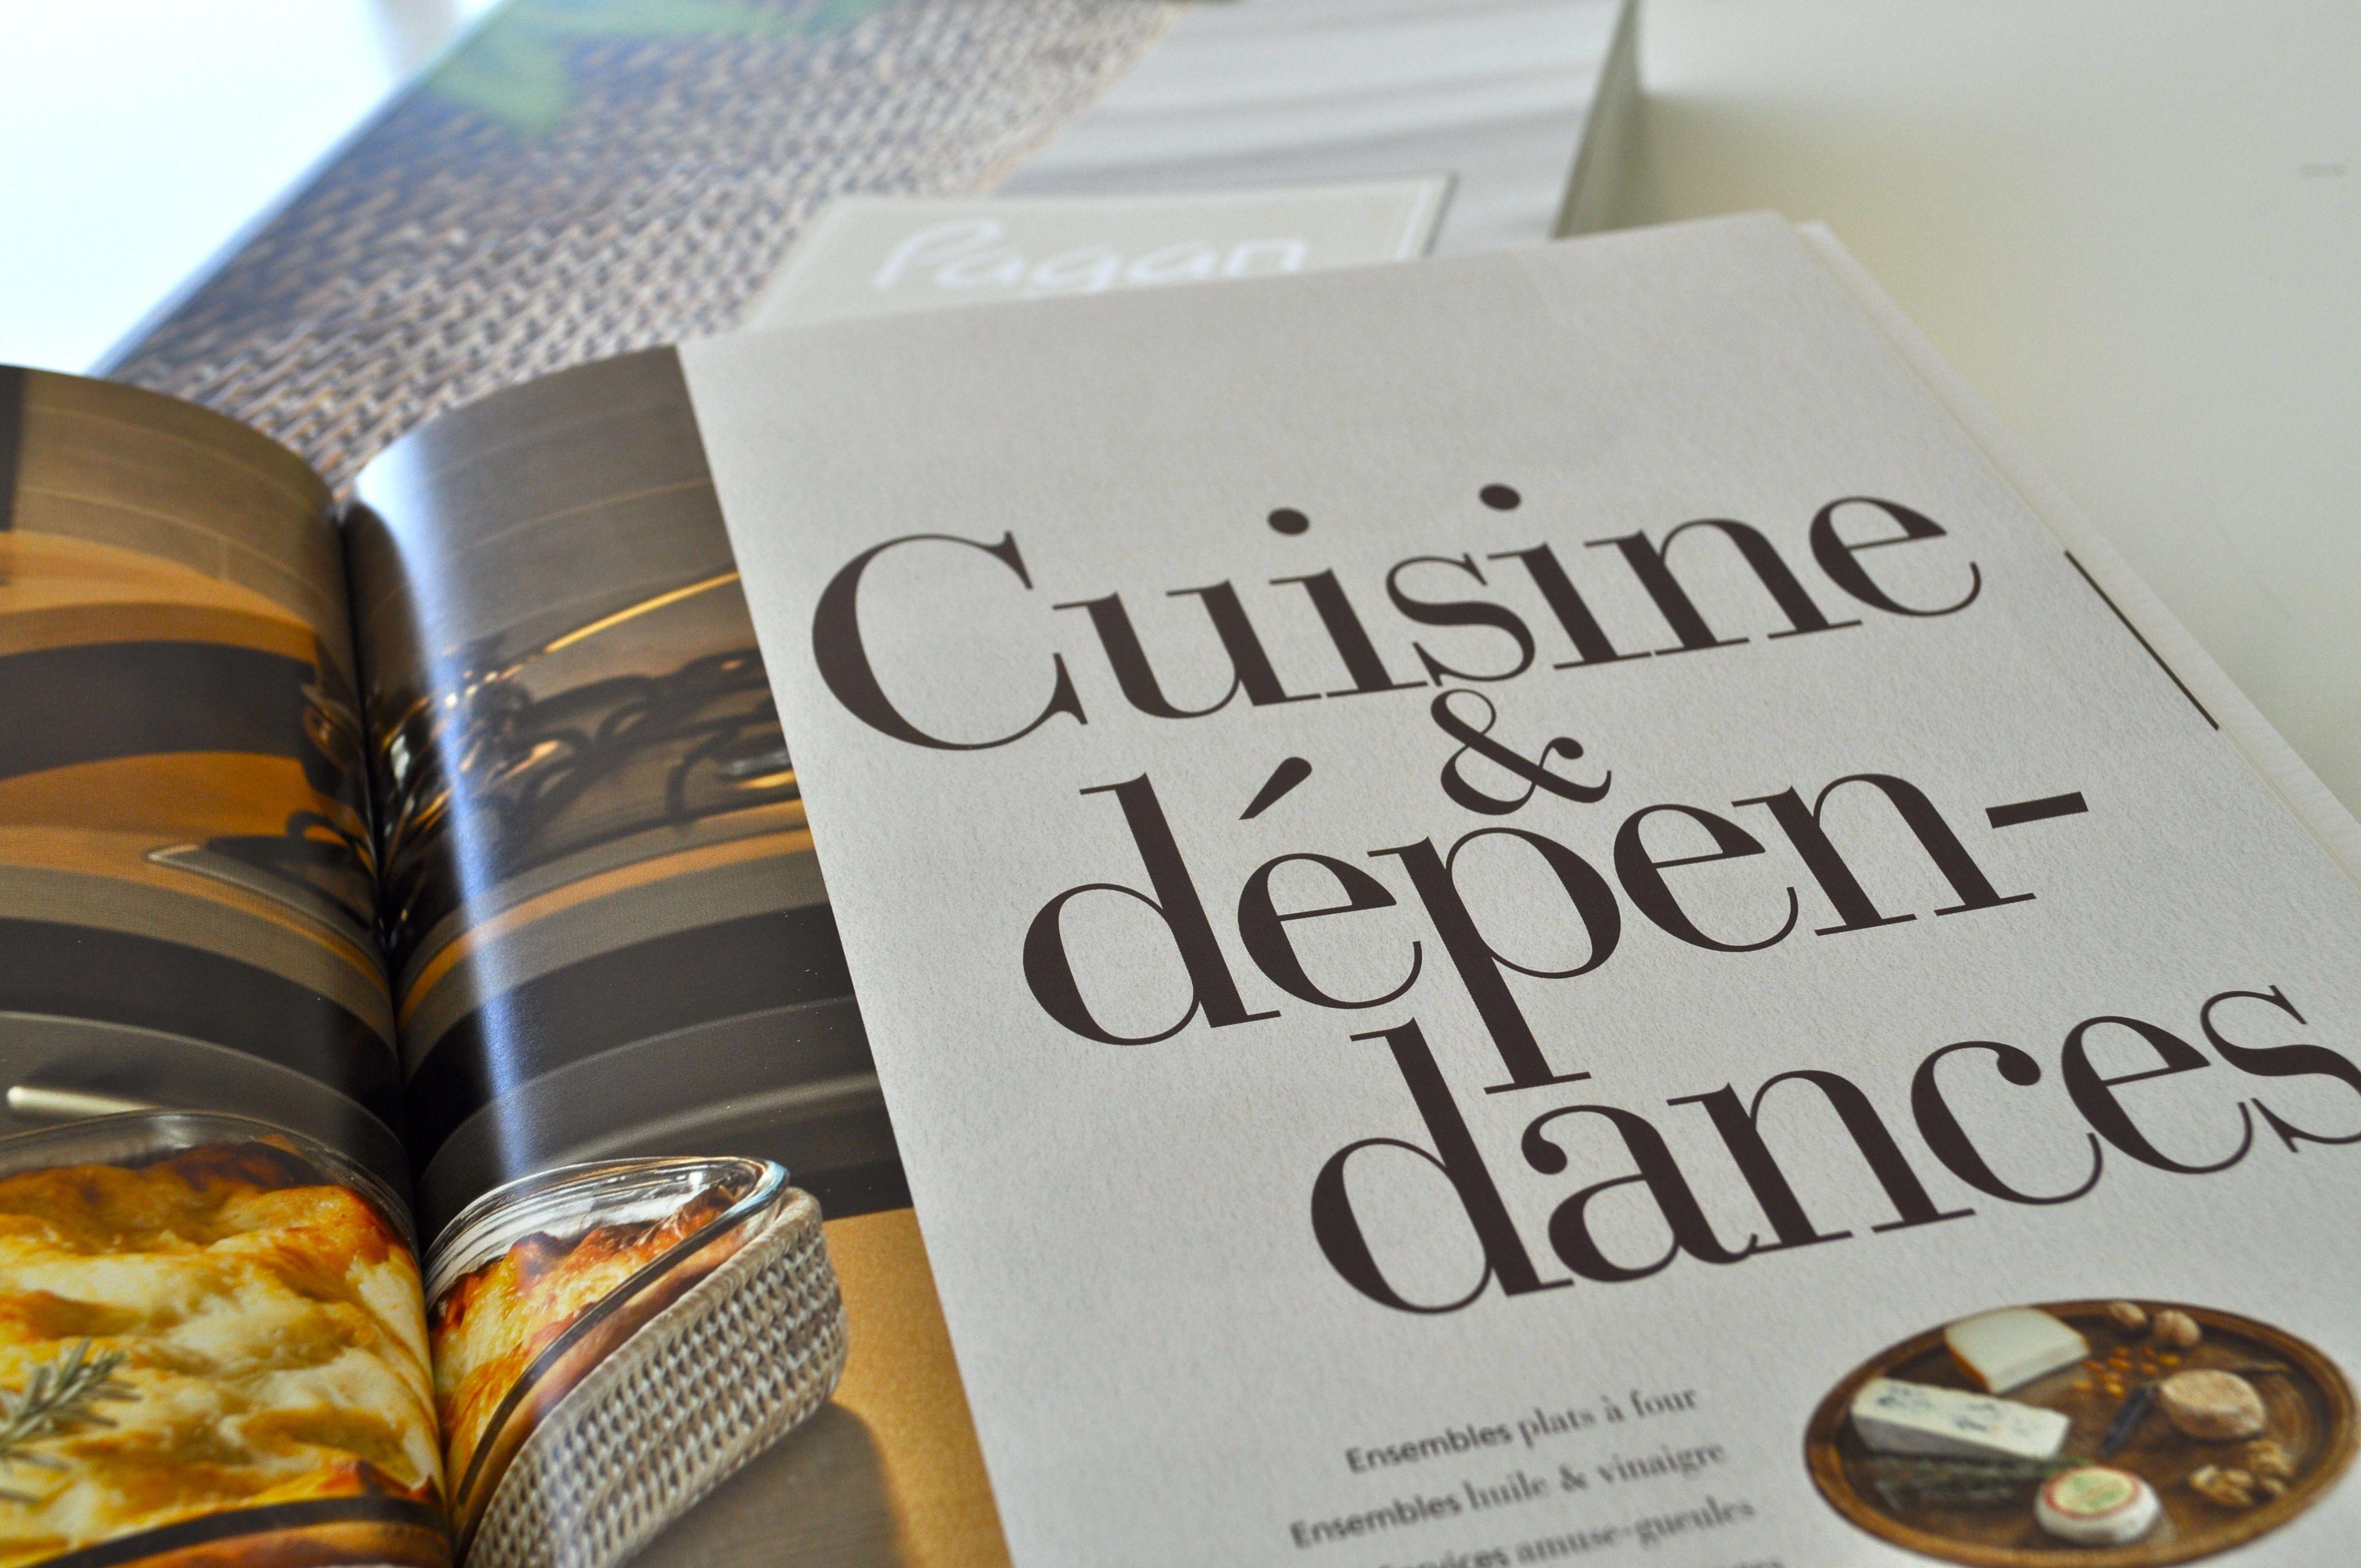 Intérieur catalogue - impression Grenoble